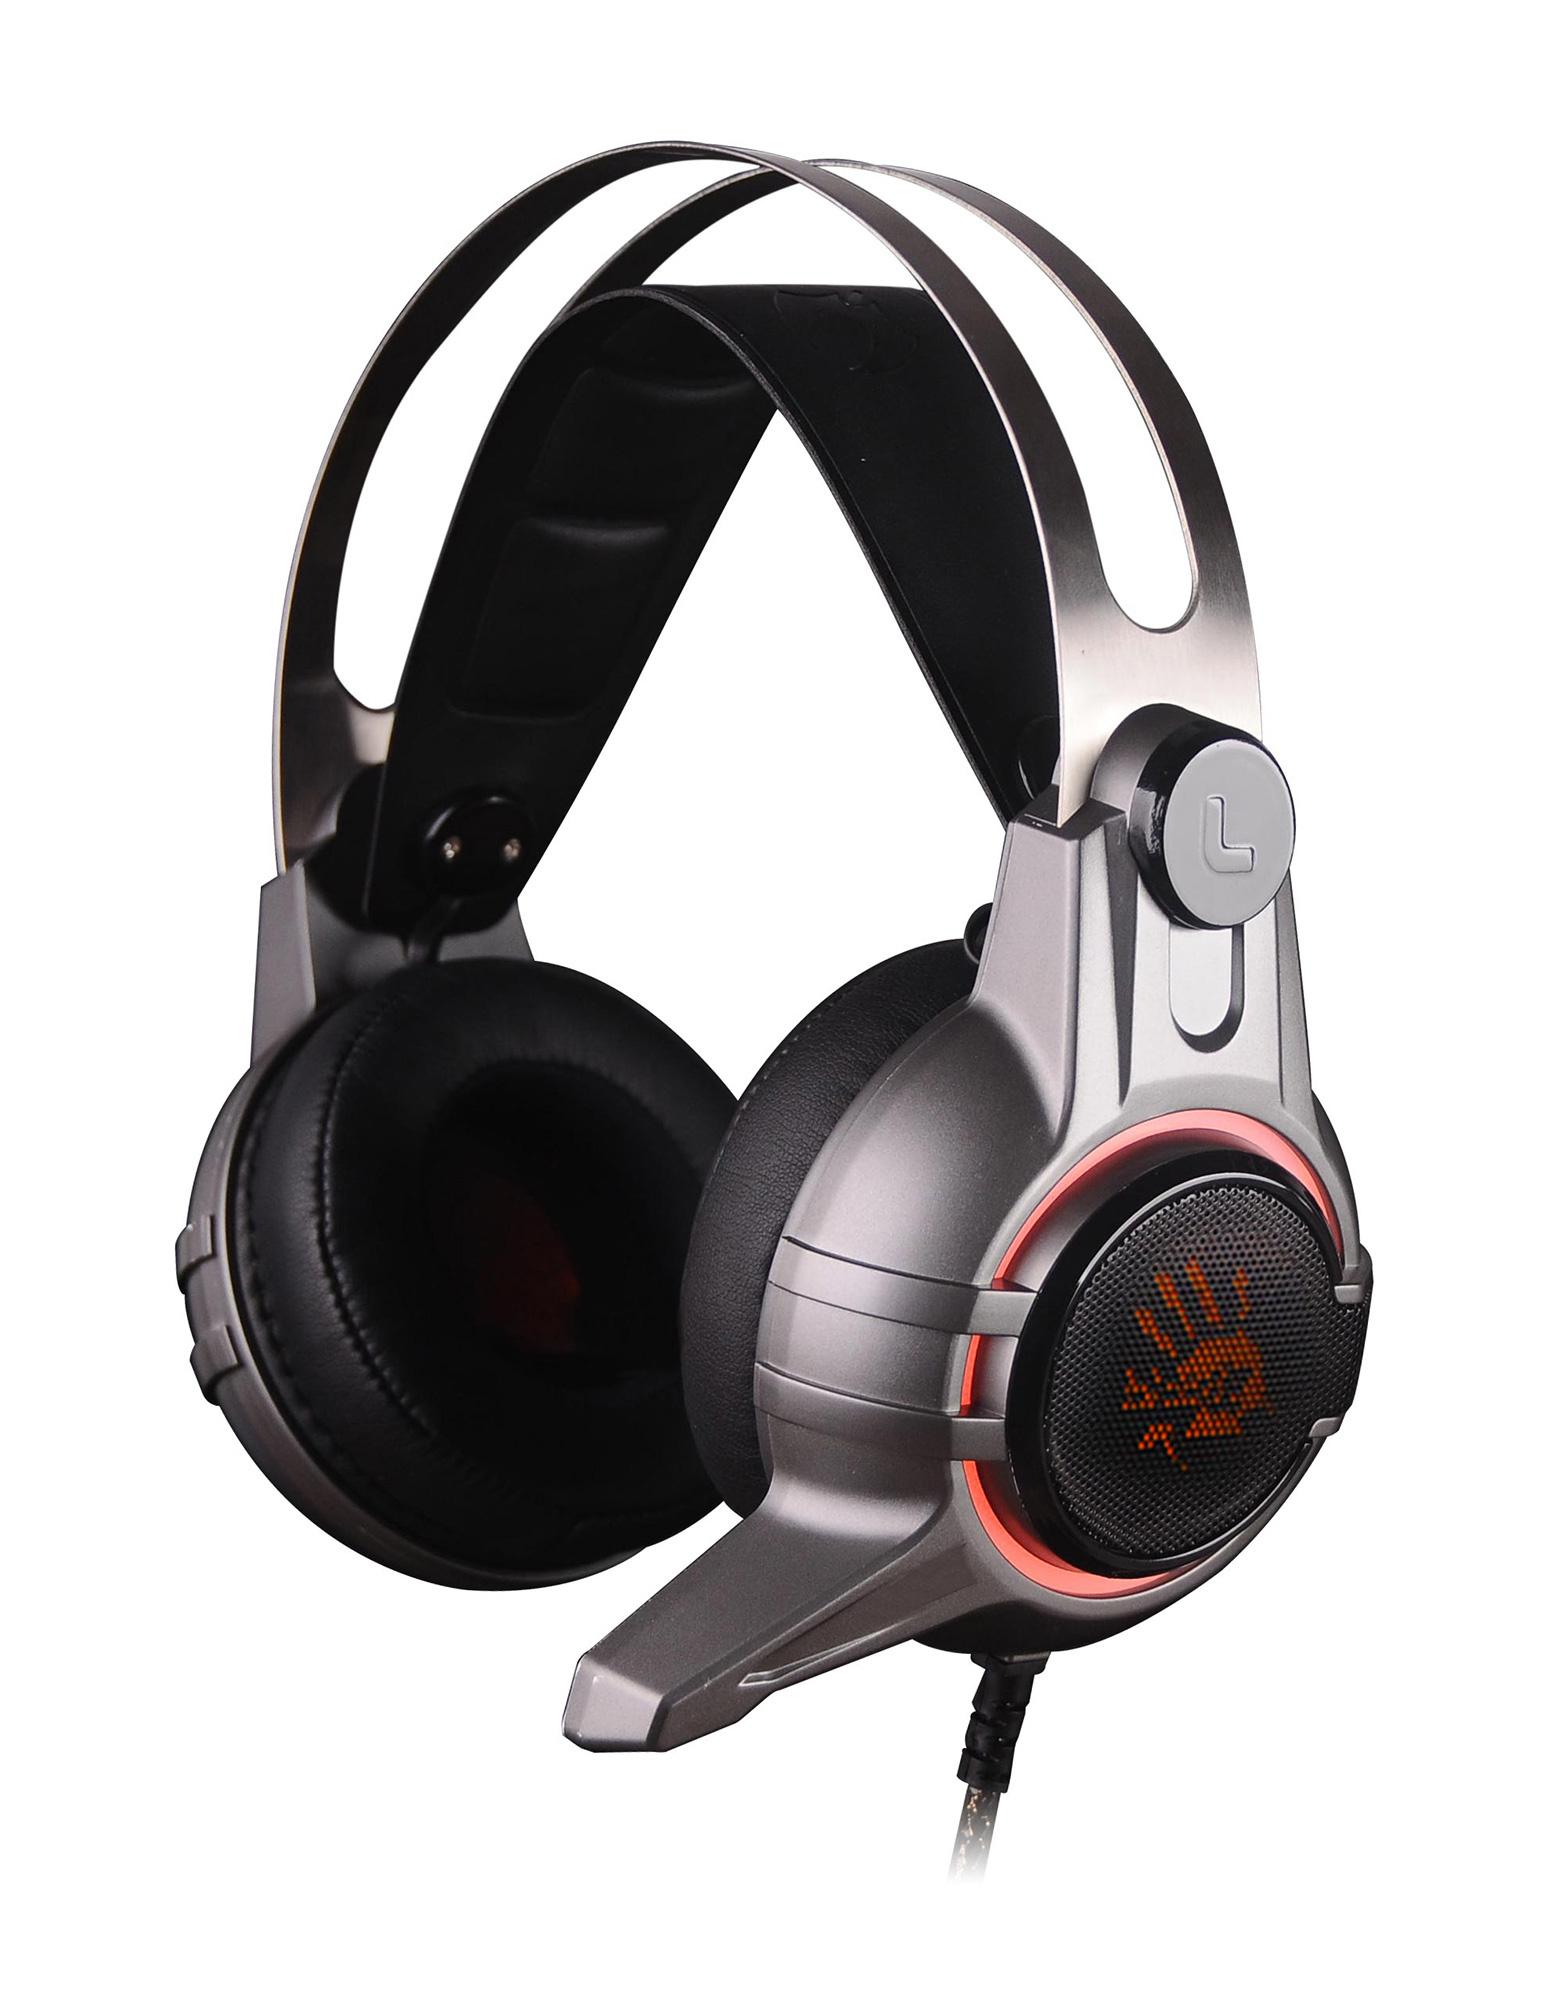 Наушники с микрофоном A4 Bloody M425 темно-серый 2.2м мониторы оголовье (M425 GREY)